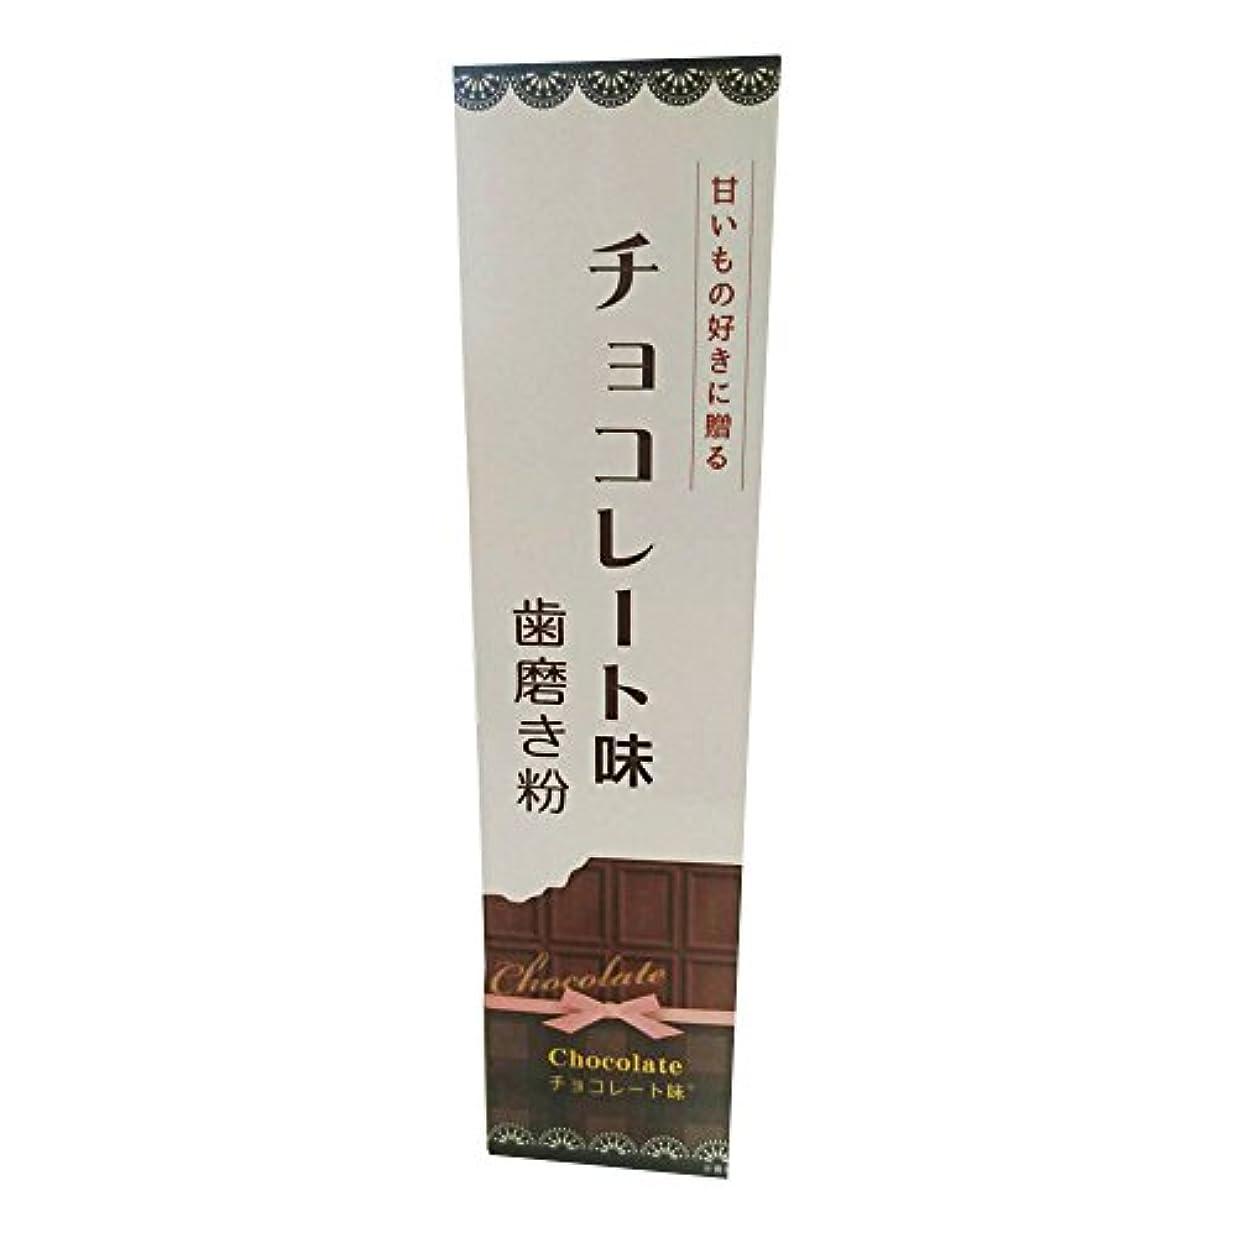 開始ミシンマイルドフレーバー歯磨き粉チョコレート味 70g